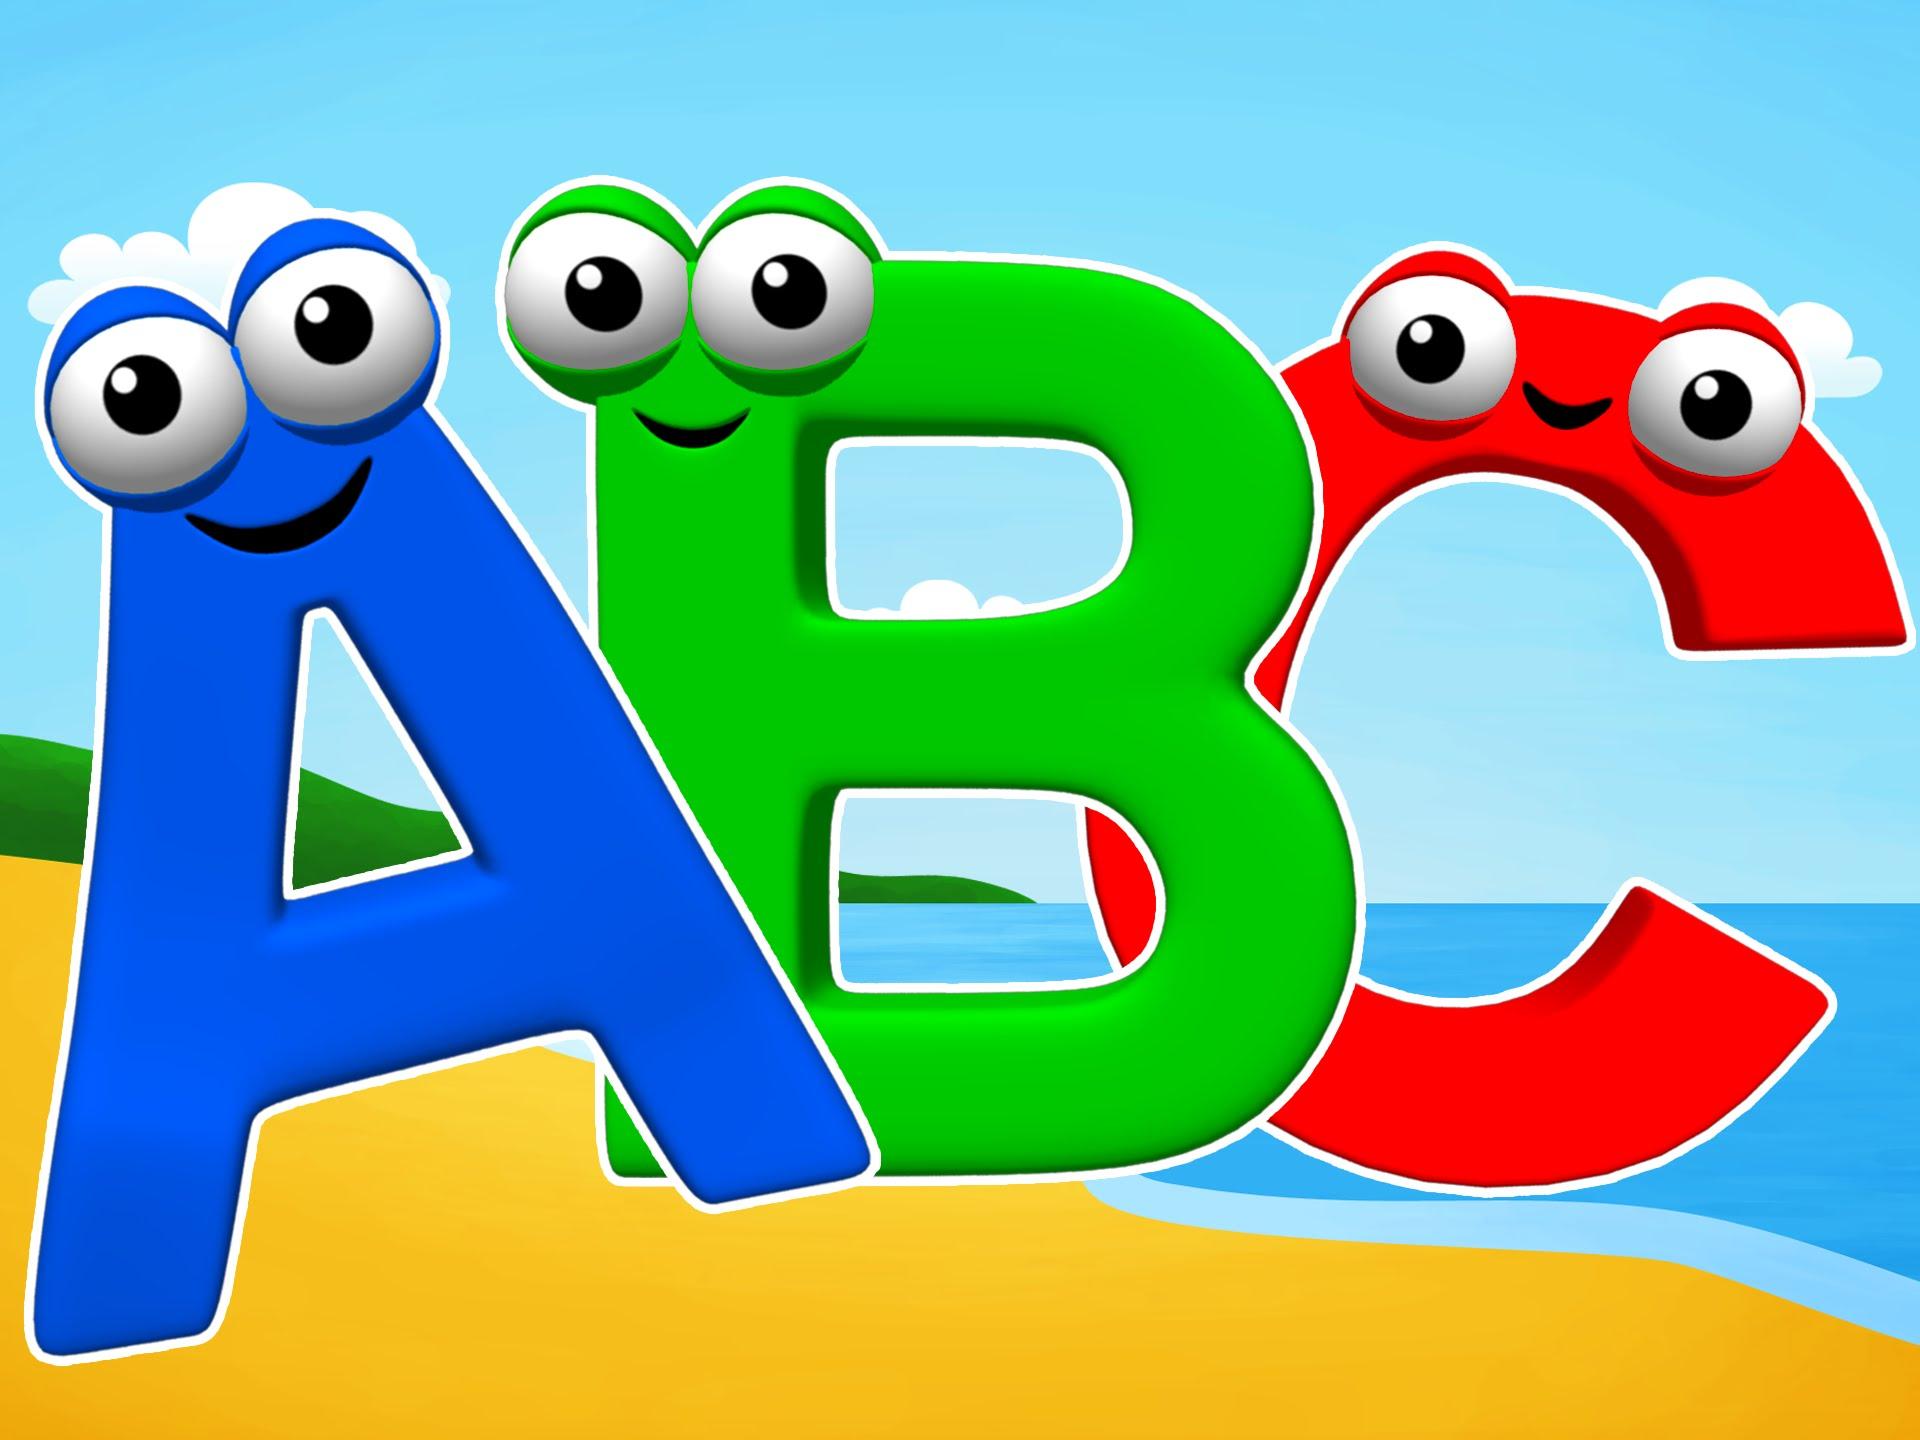 Abc clipart abcd.